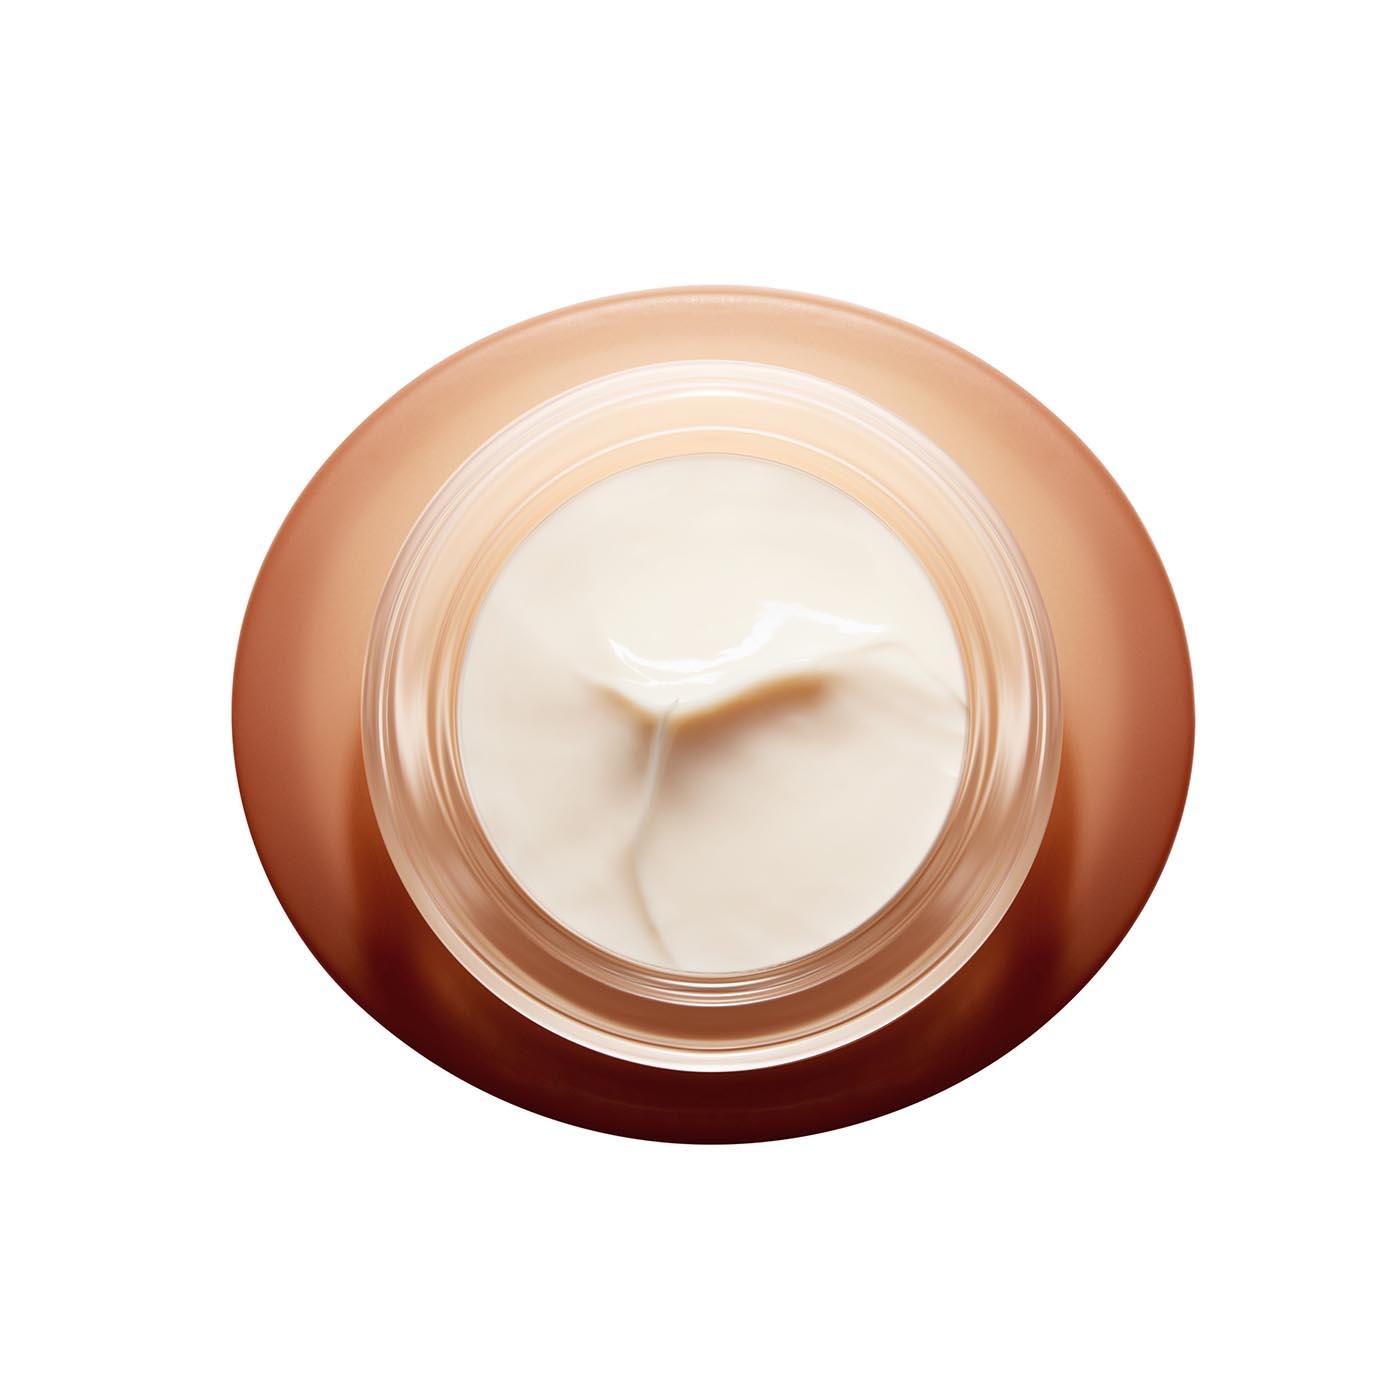 Extra-Firming Crema Antirughe Tutti i tipi di pelle - Clarins